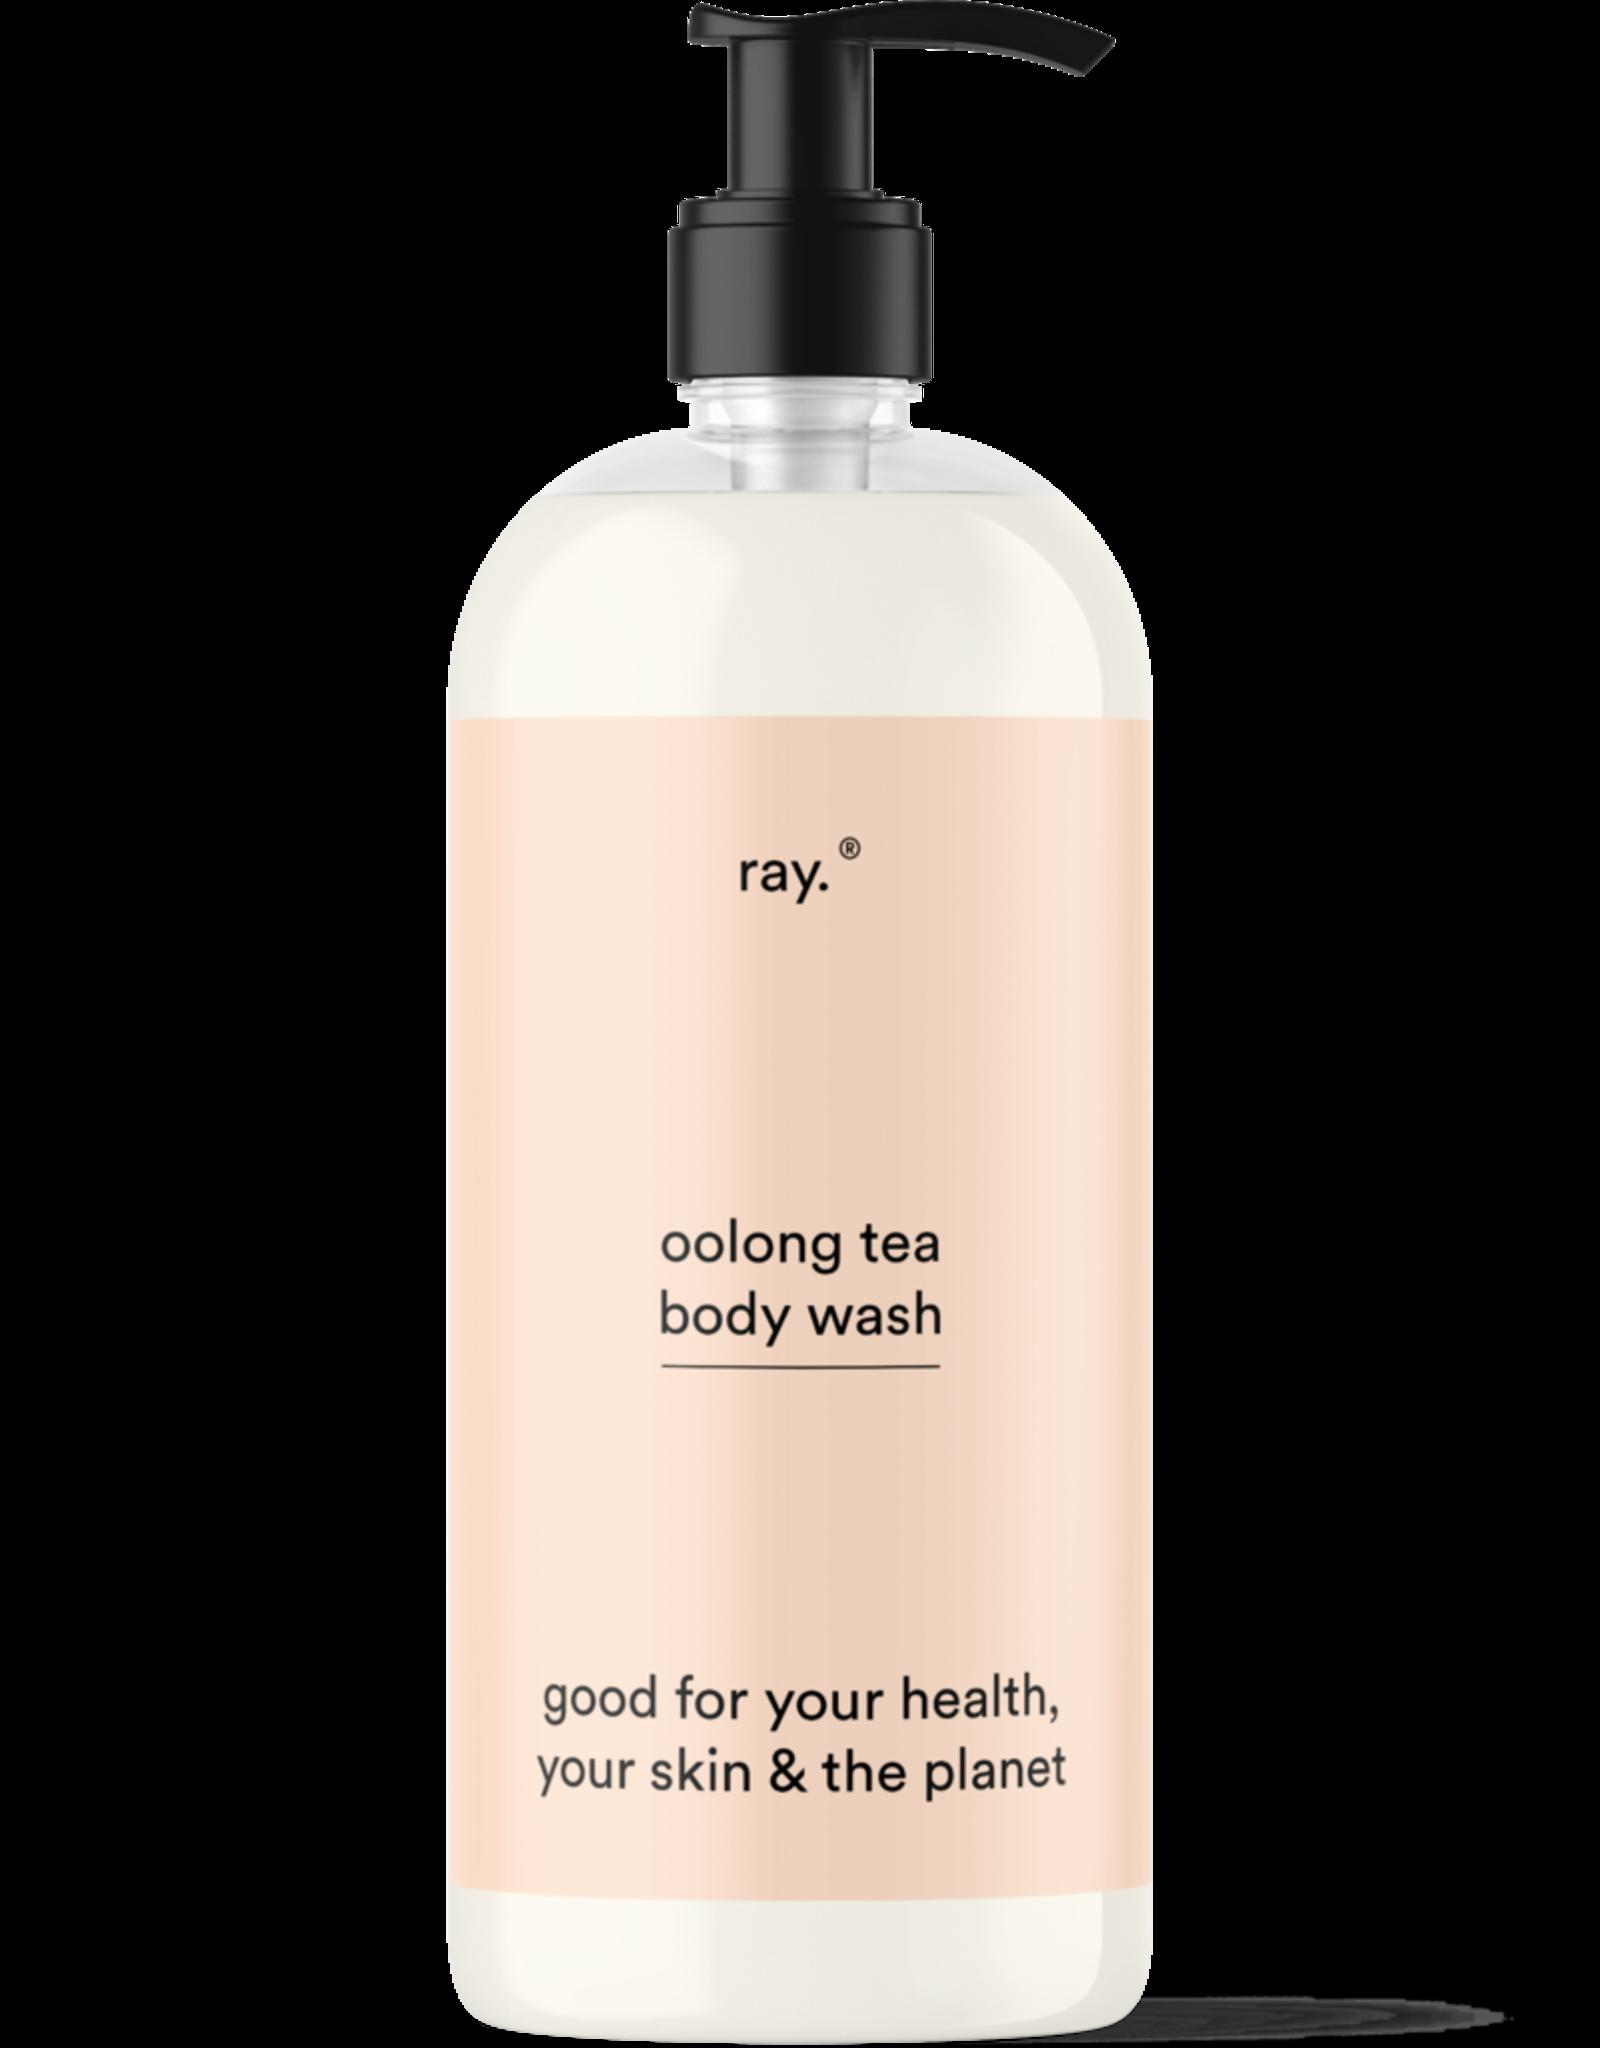 ray Body Wash - 500ml - Oolong Tea